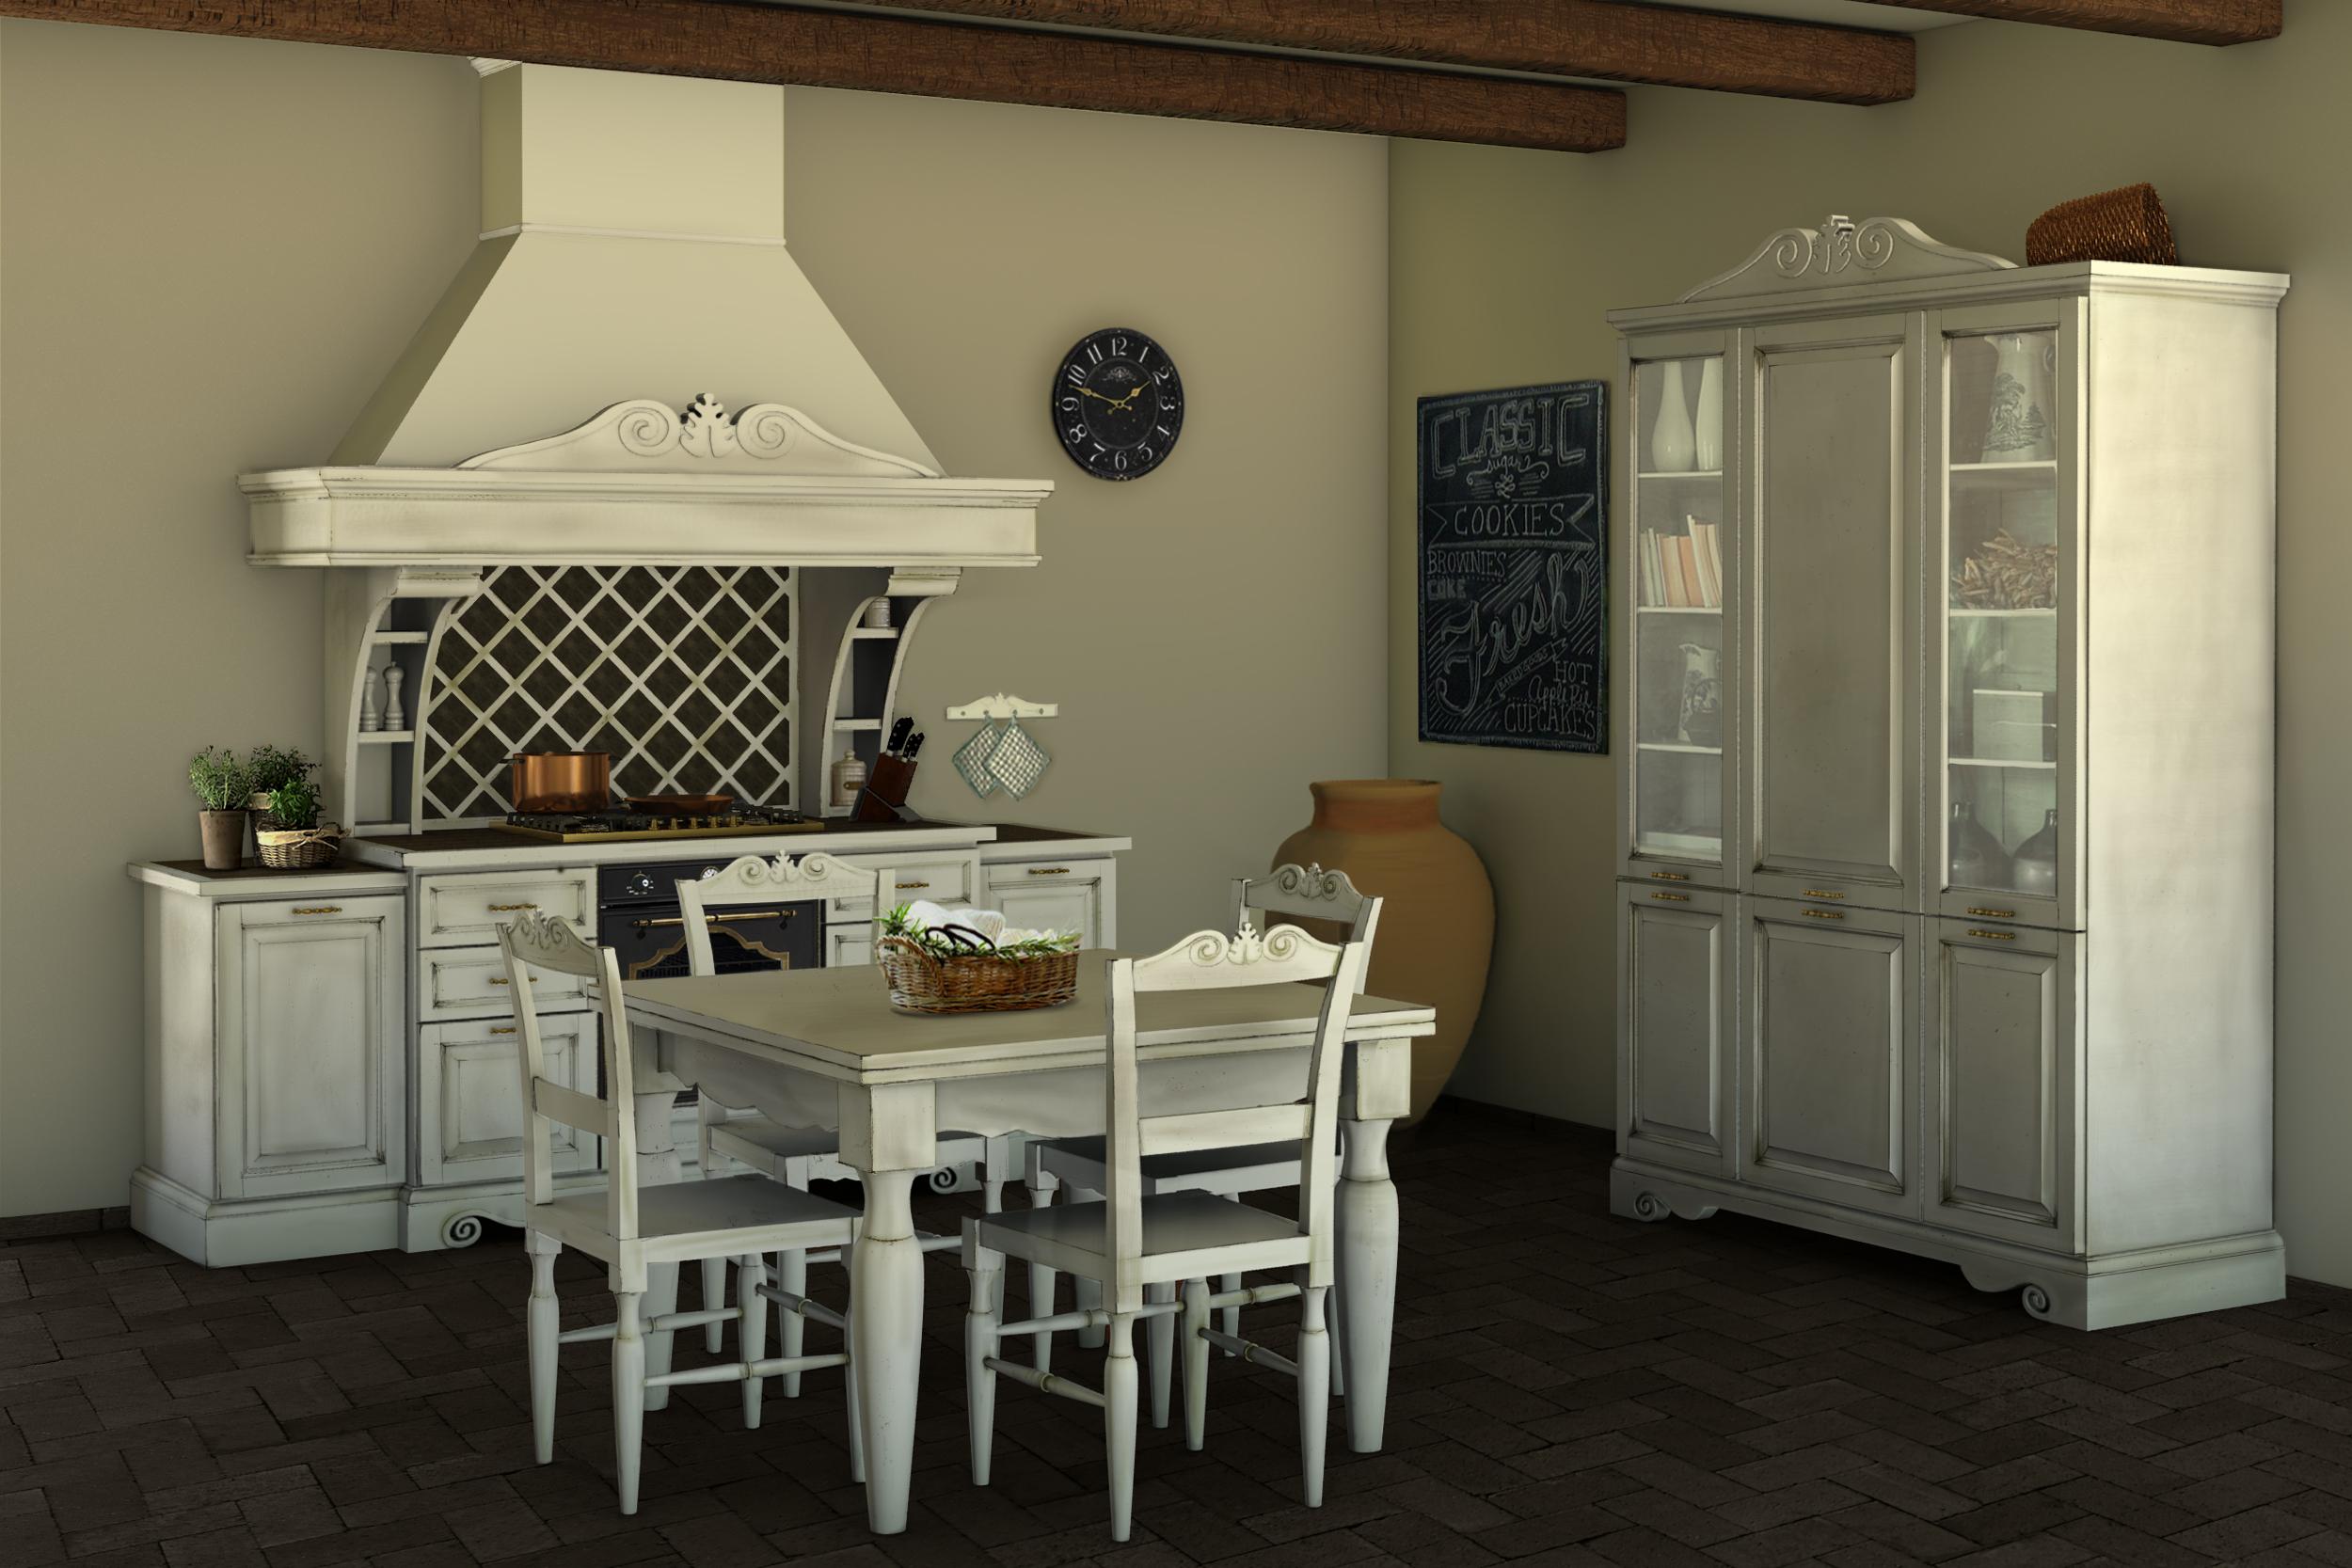 Cucina Della Nonna Classica Shabby Chic Decapè. Blocco Lavello E  #946837 2500 1667 Immagini Di Cucine Snaidero